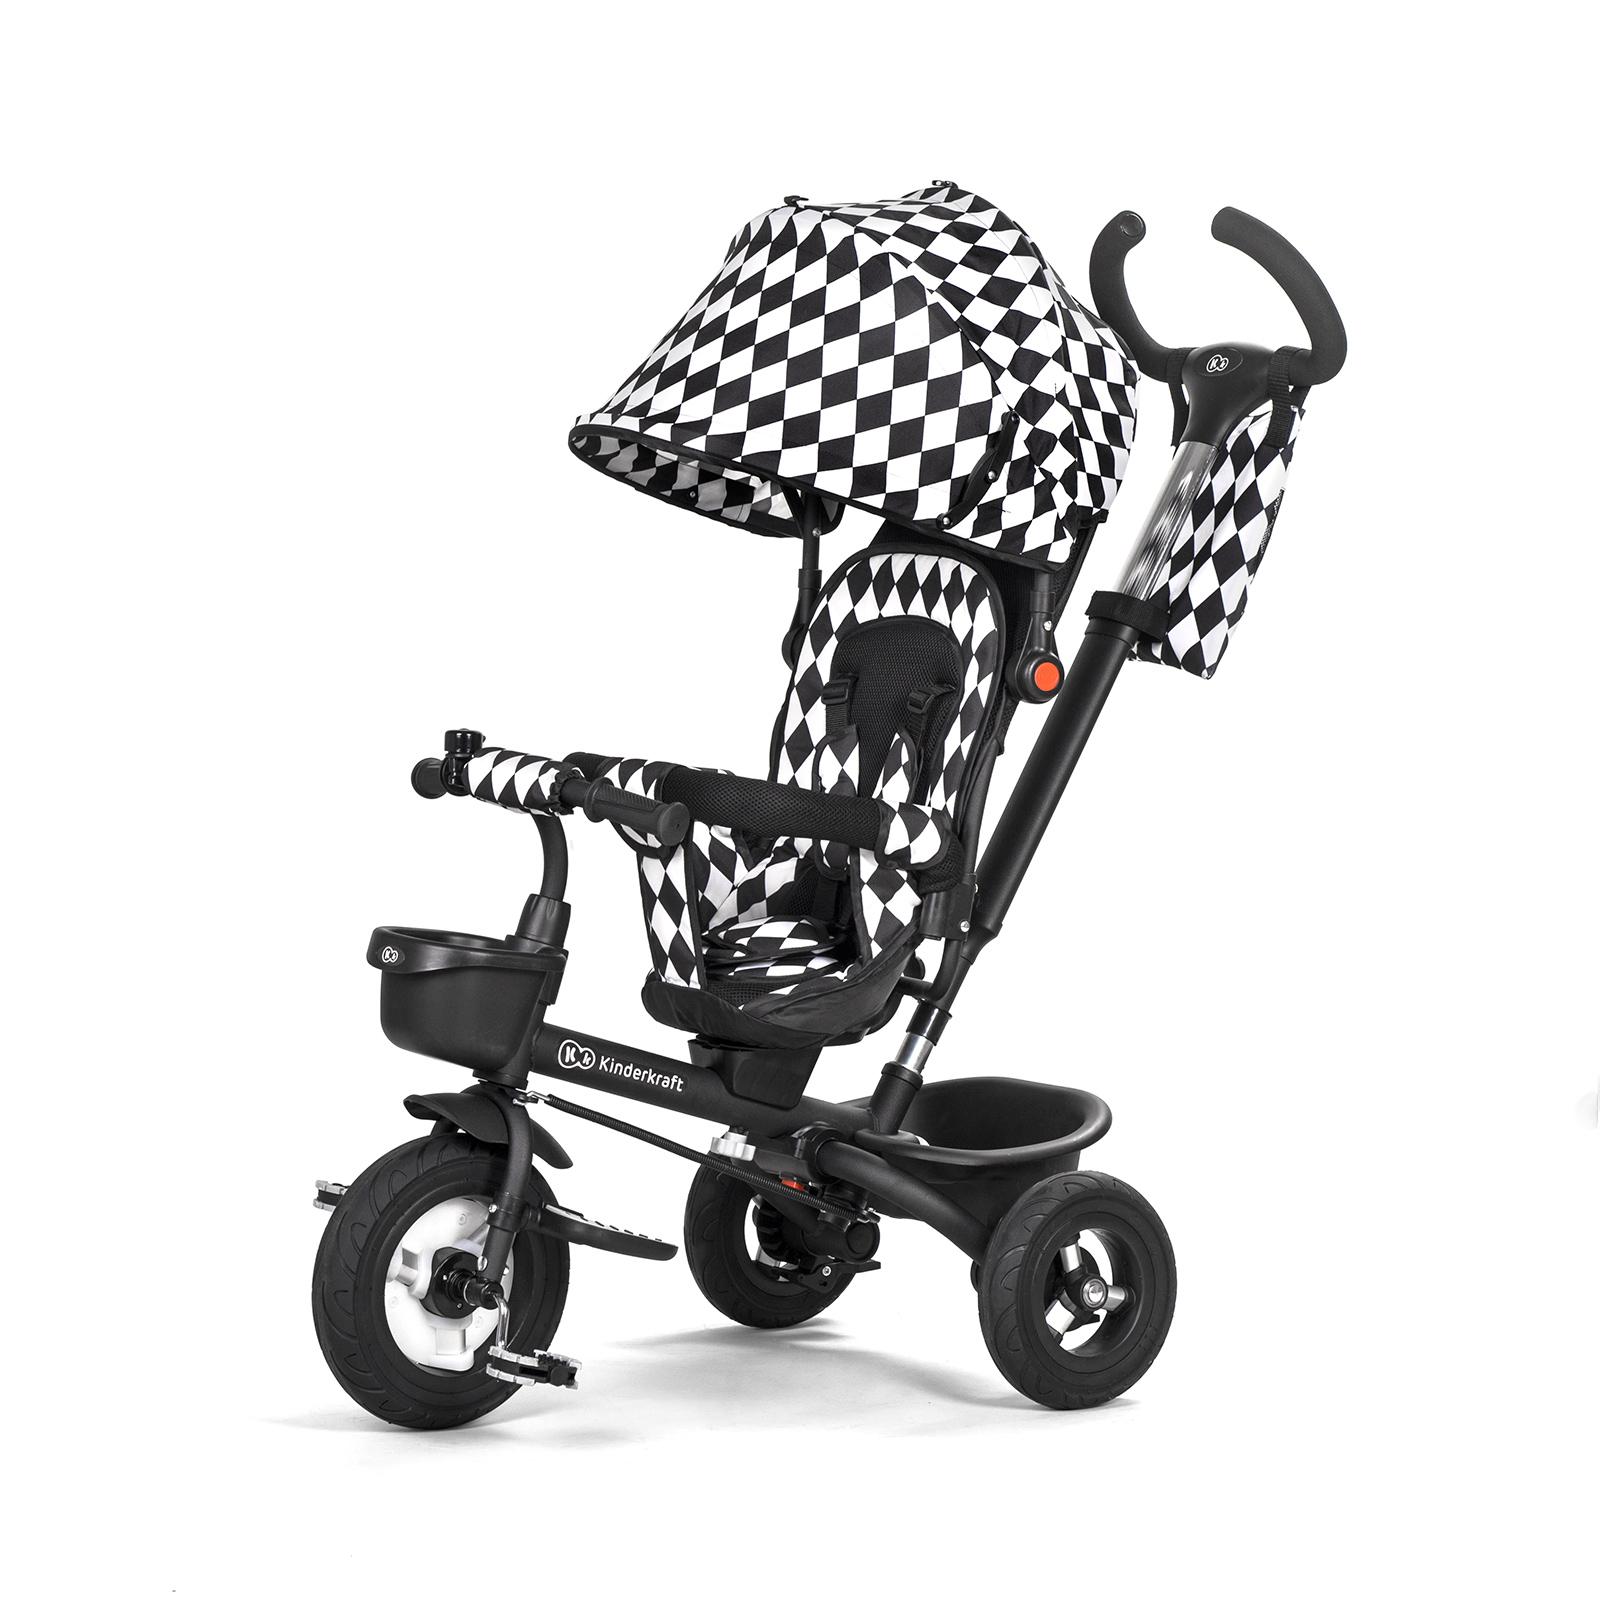 kinderkraft tricycle